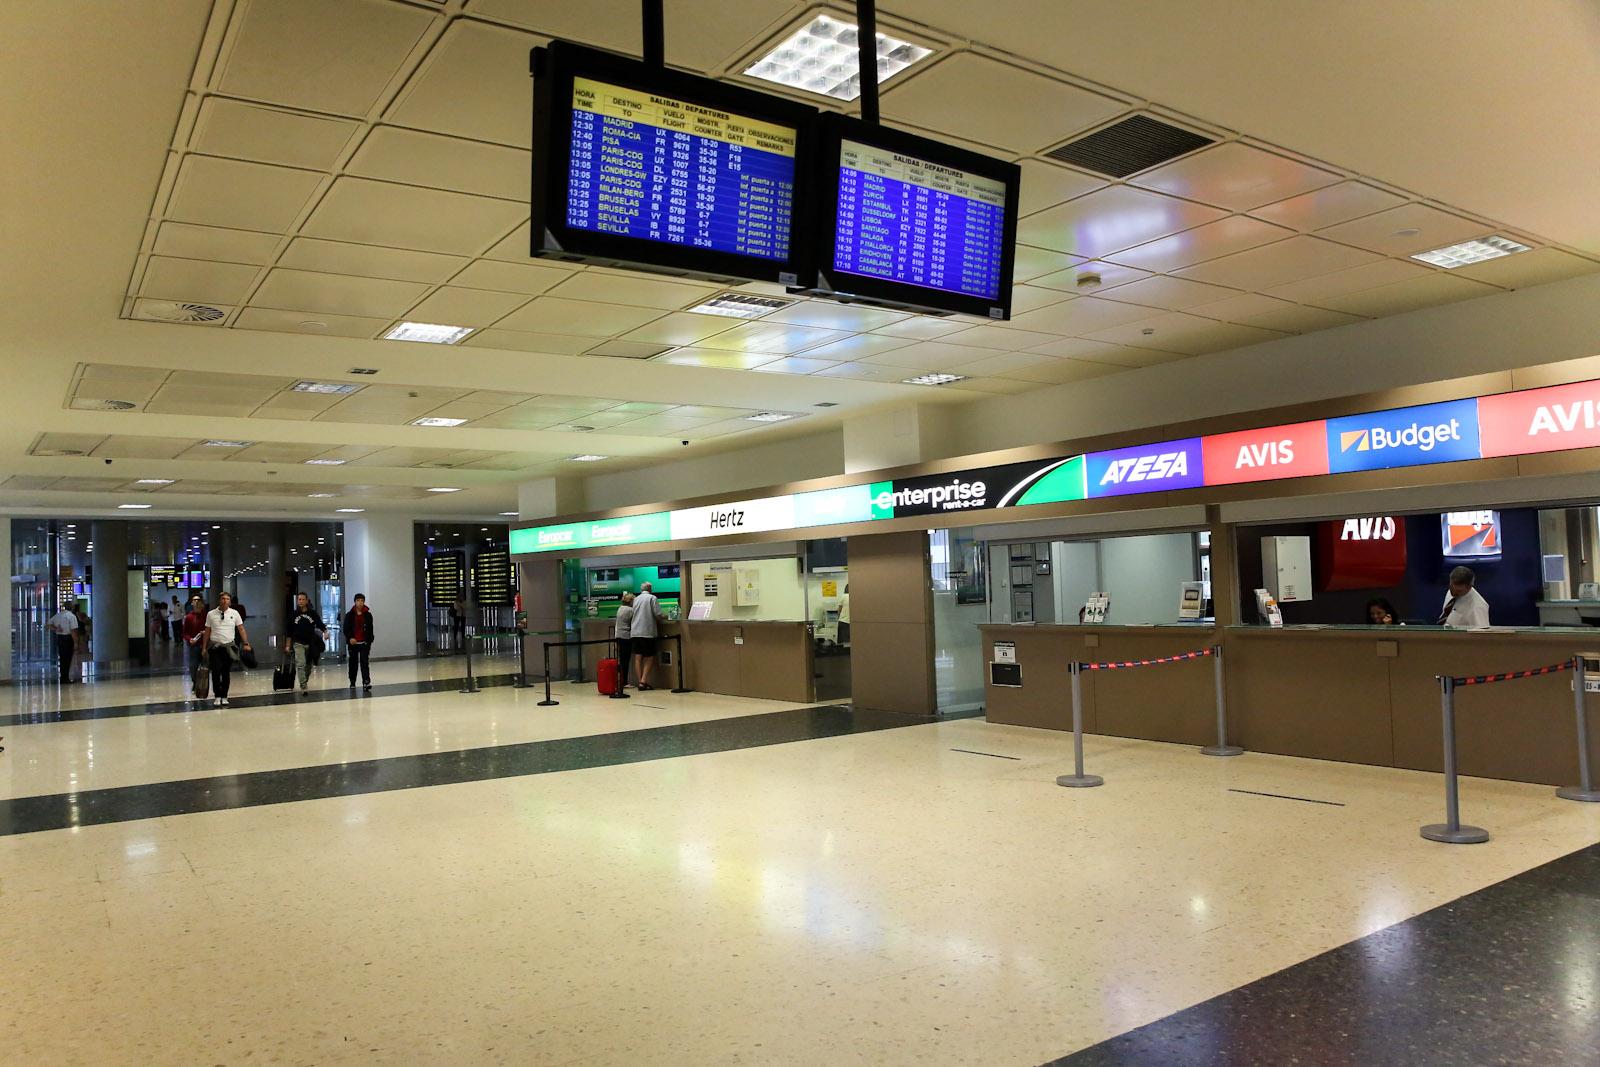 Стойки компаний автопроката в зале прилета аэропорта Валенсия